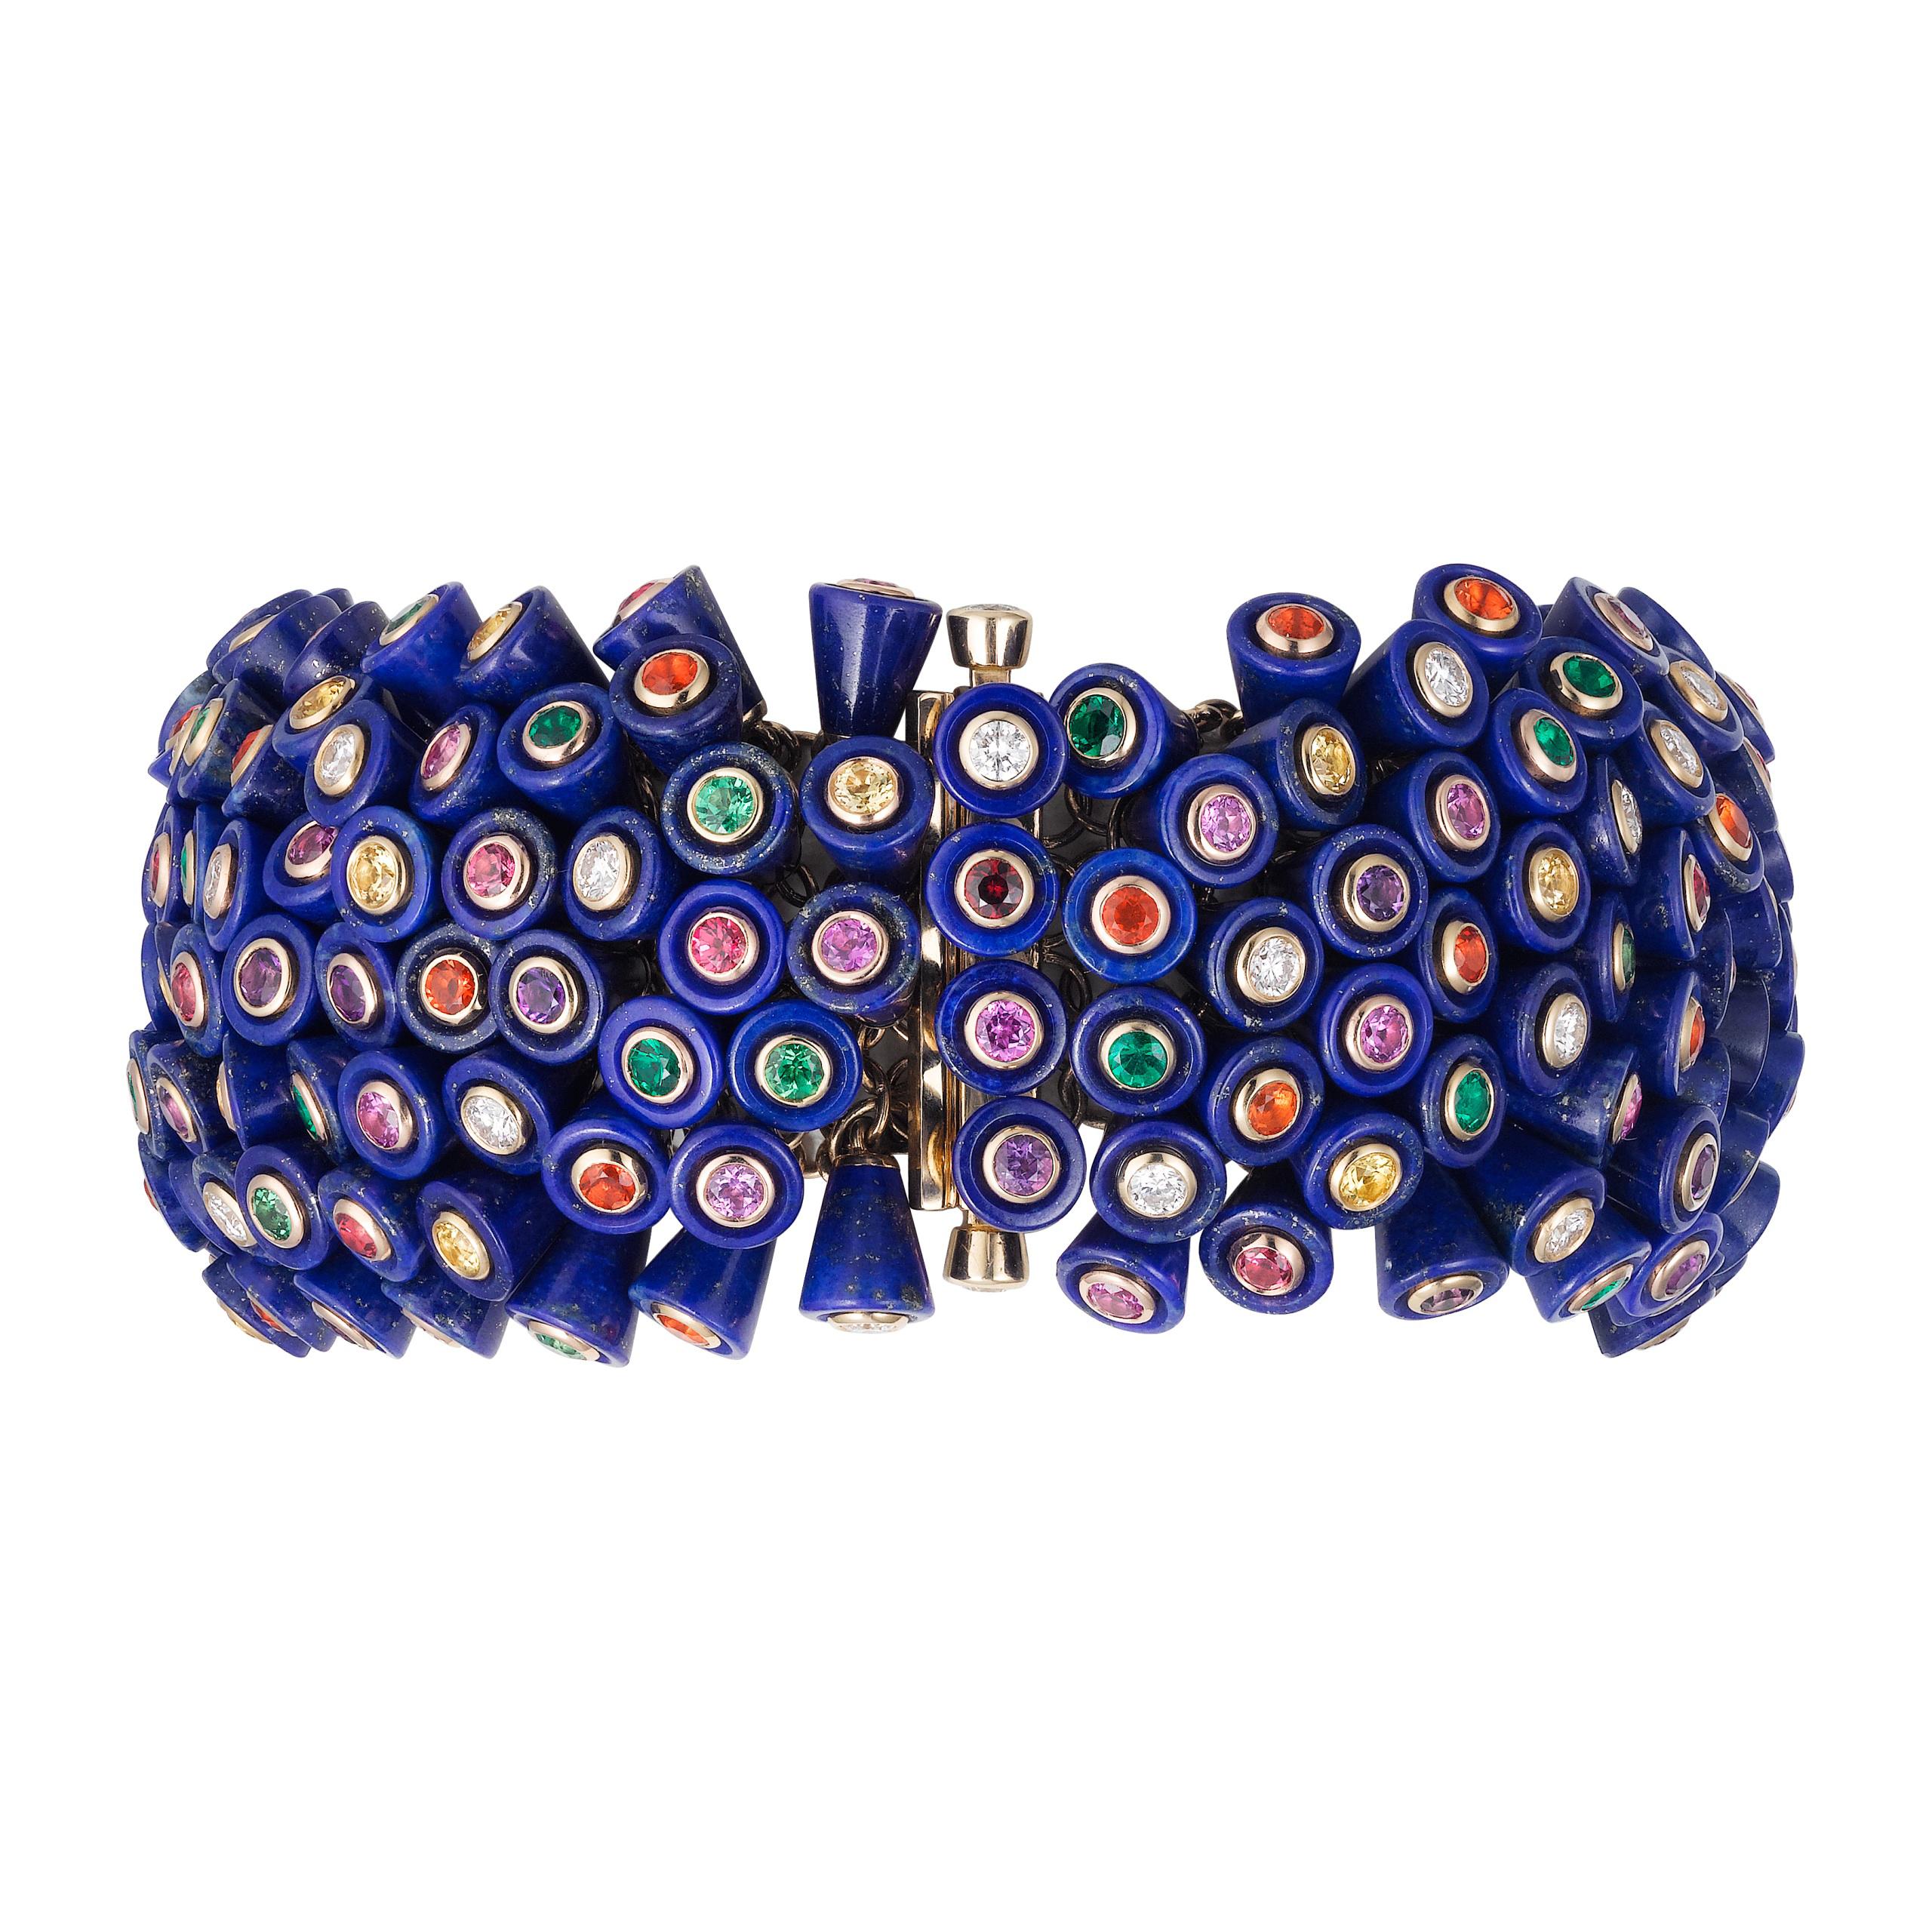 """Bracelet """"Paris Nouvelle Vague"""" en or jaune serti de 252 lapis-lazuli, de 31 spinelles, de 30 saphirs roses, de 31 saphirs jaunes, de 29 grenats tsavorites, de 31 améthystes, de 26 émeraudes, de 30 opales de feu et de 46 diamants, CARTIER."""